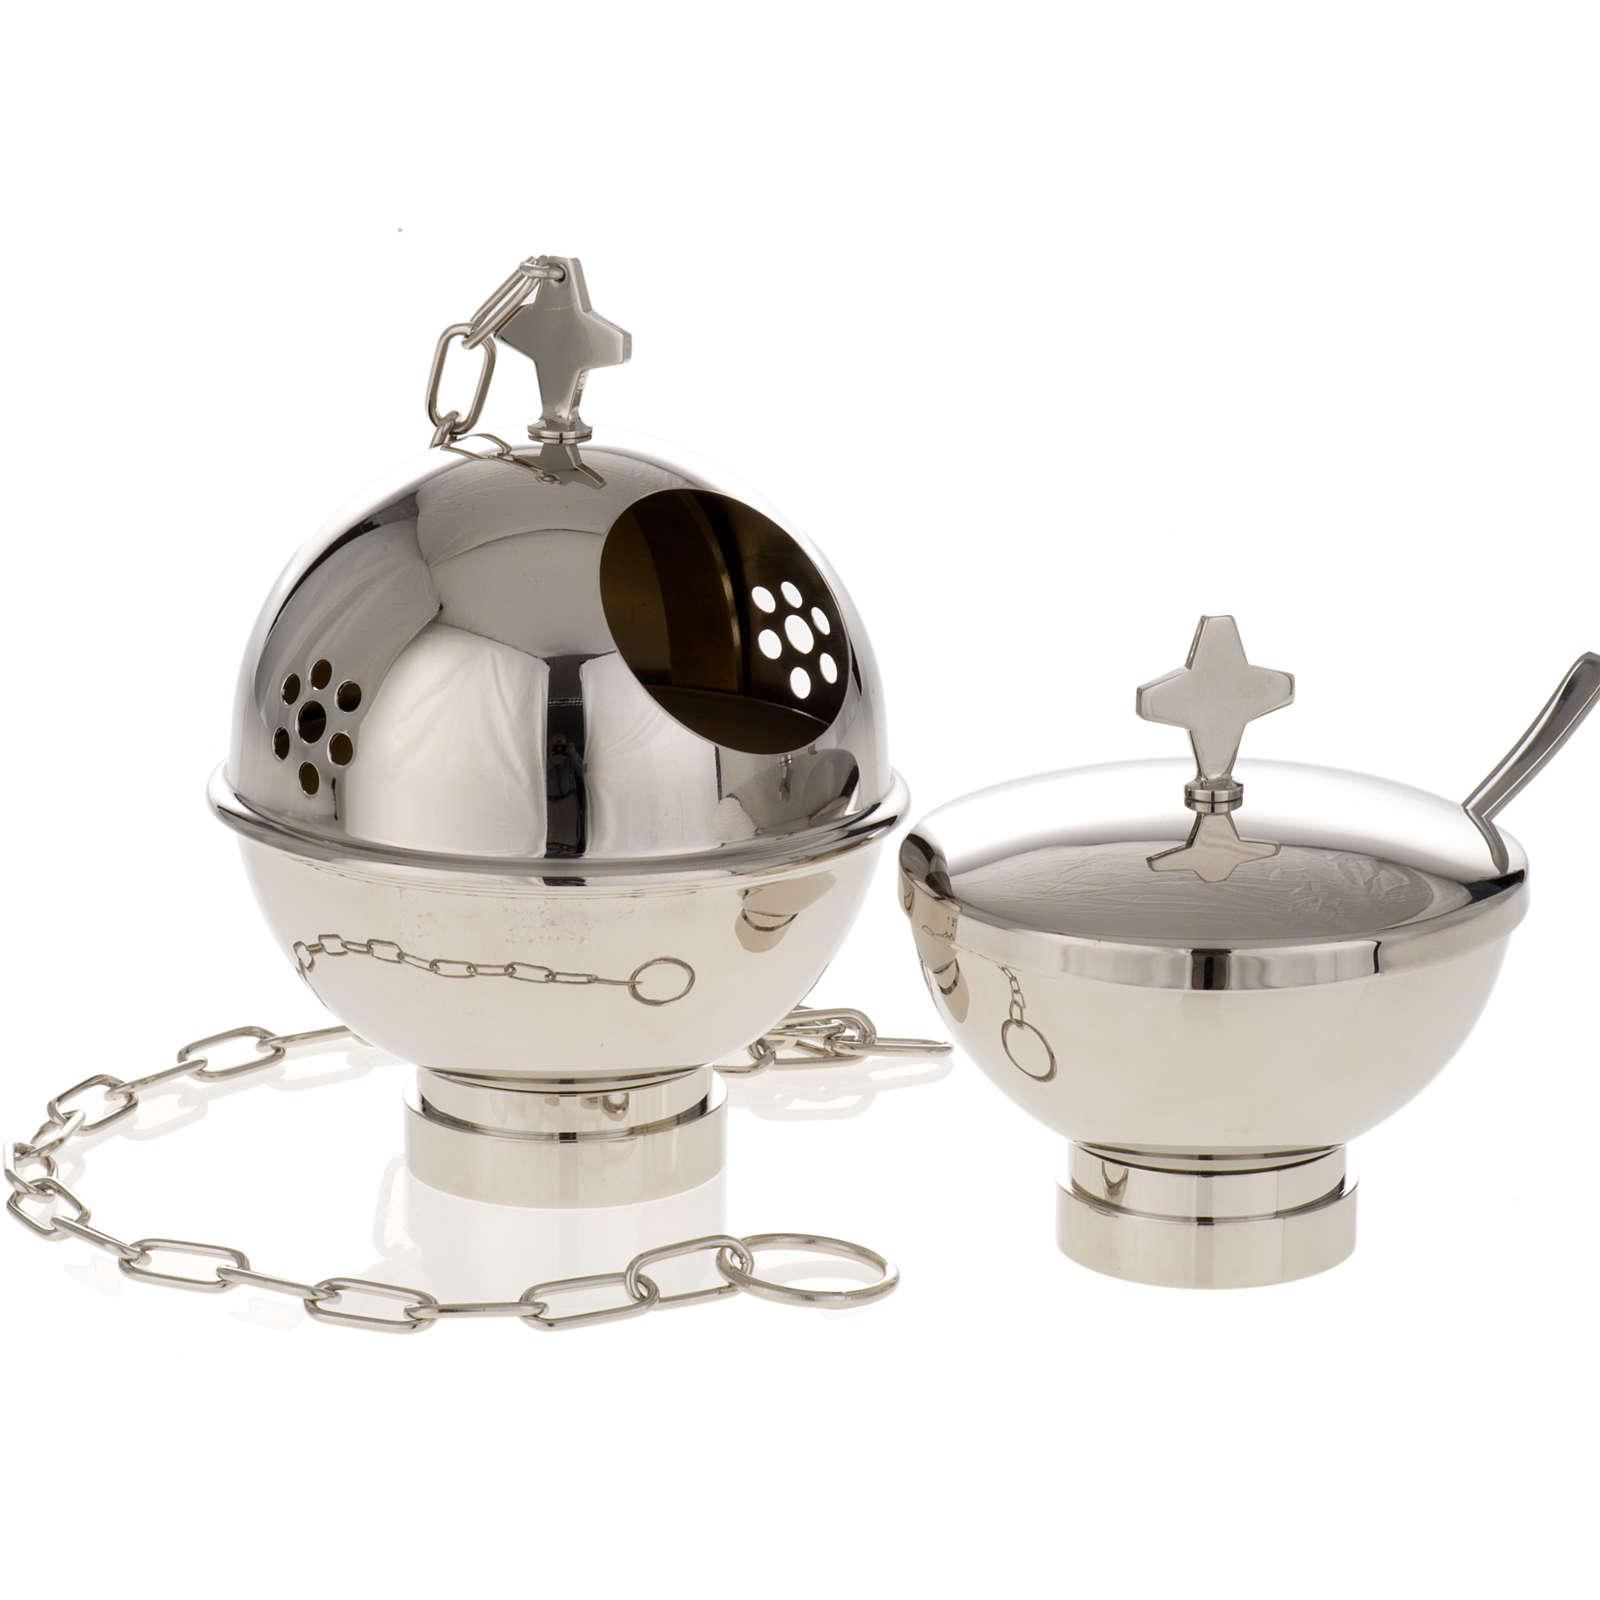 Encensoir et navette laiton doré et nikelé 3